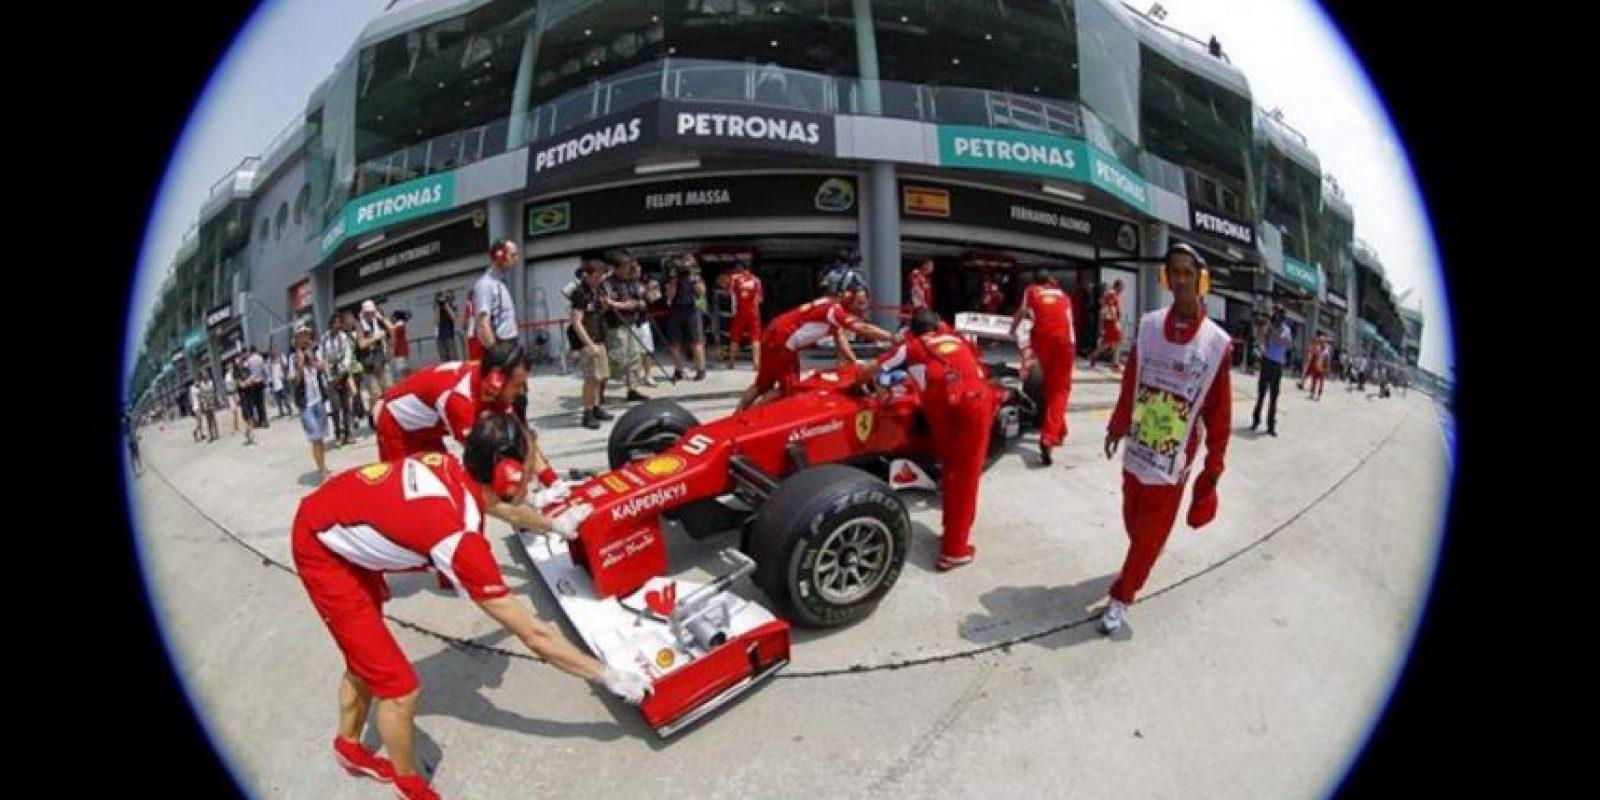 El piloto español Fernando Alonso (Ferrari), a bordo de su monoplaza durante la primera sesión de entrenamientos libres previa al Gran Premio de Malasia en el circuito de Sepang, a las afueras de Kuala Lumpur, Malasia. El Gran Premio de Malasia, segunda prueba del Mundial de Fórmula Uno, se disputa el próximo domingo. EFE